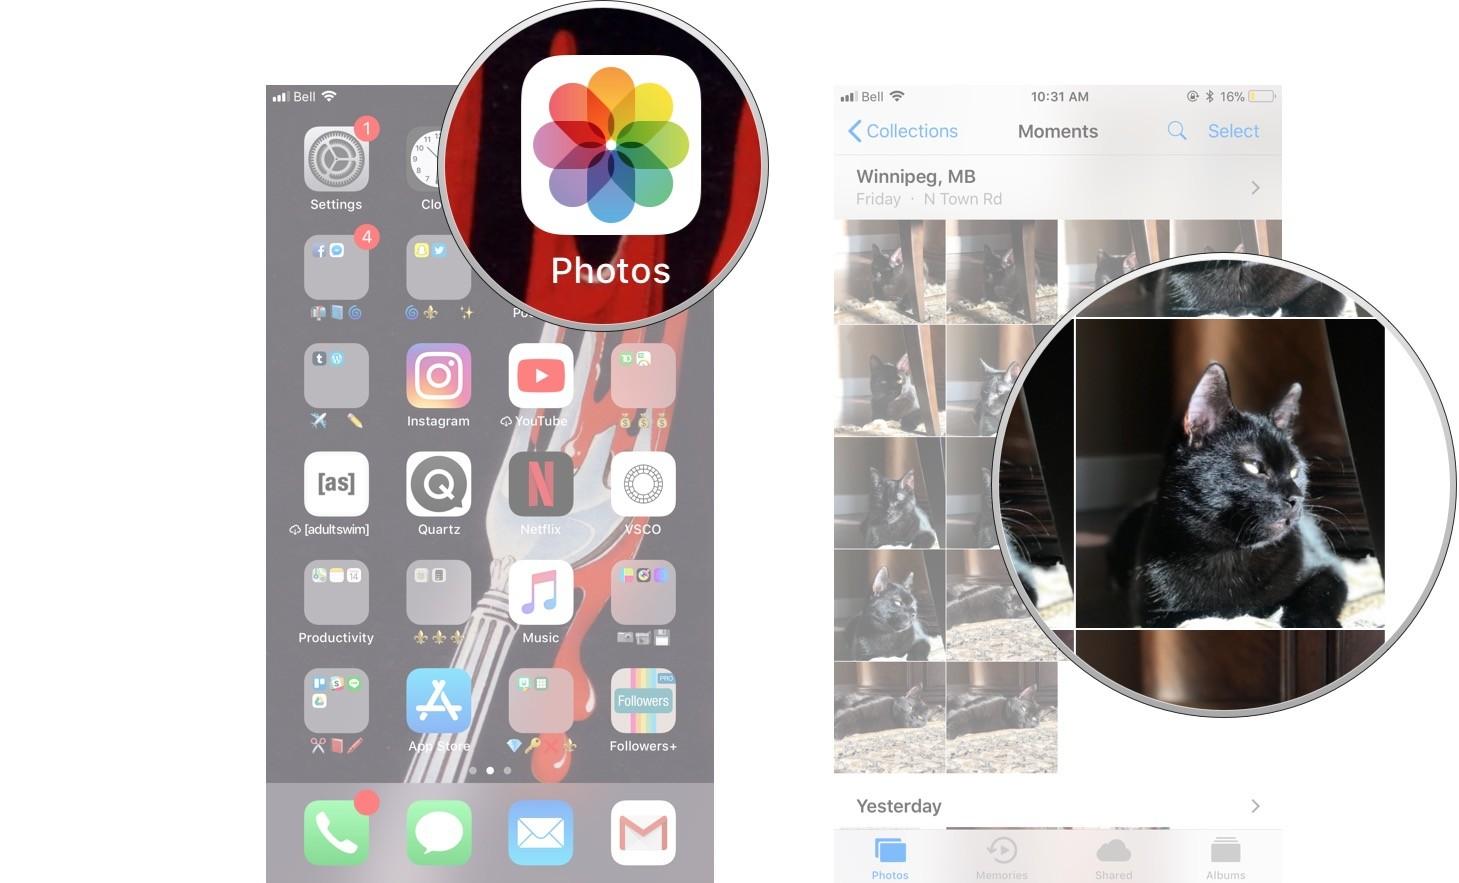 Как использовать портретный режим и портретное освещение в iPhone X - как отредактировать на iOS 11